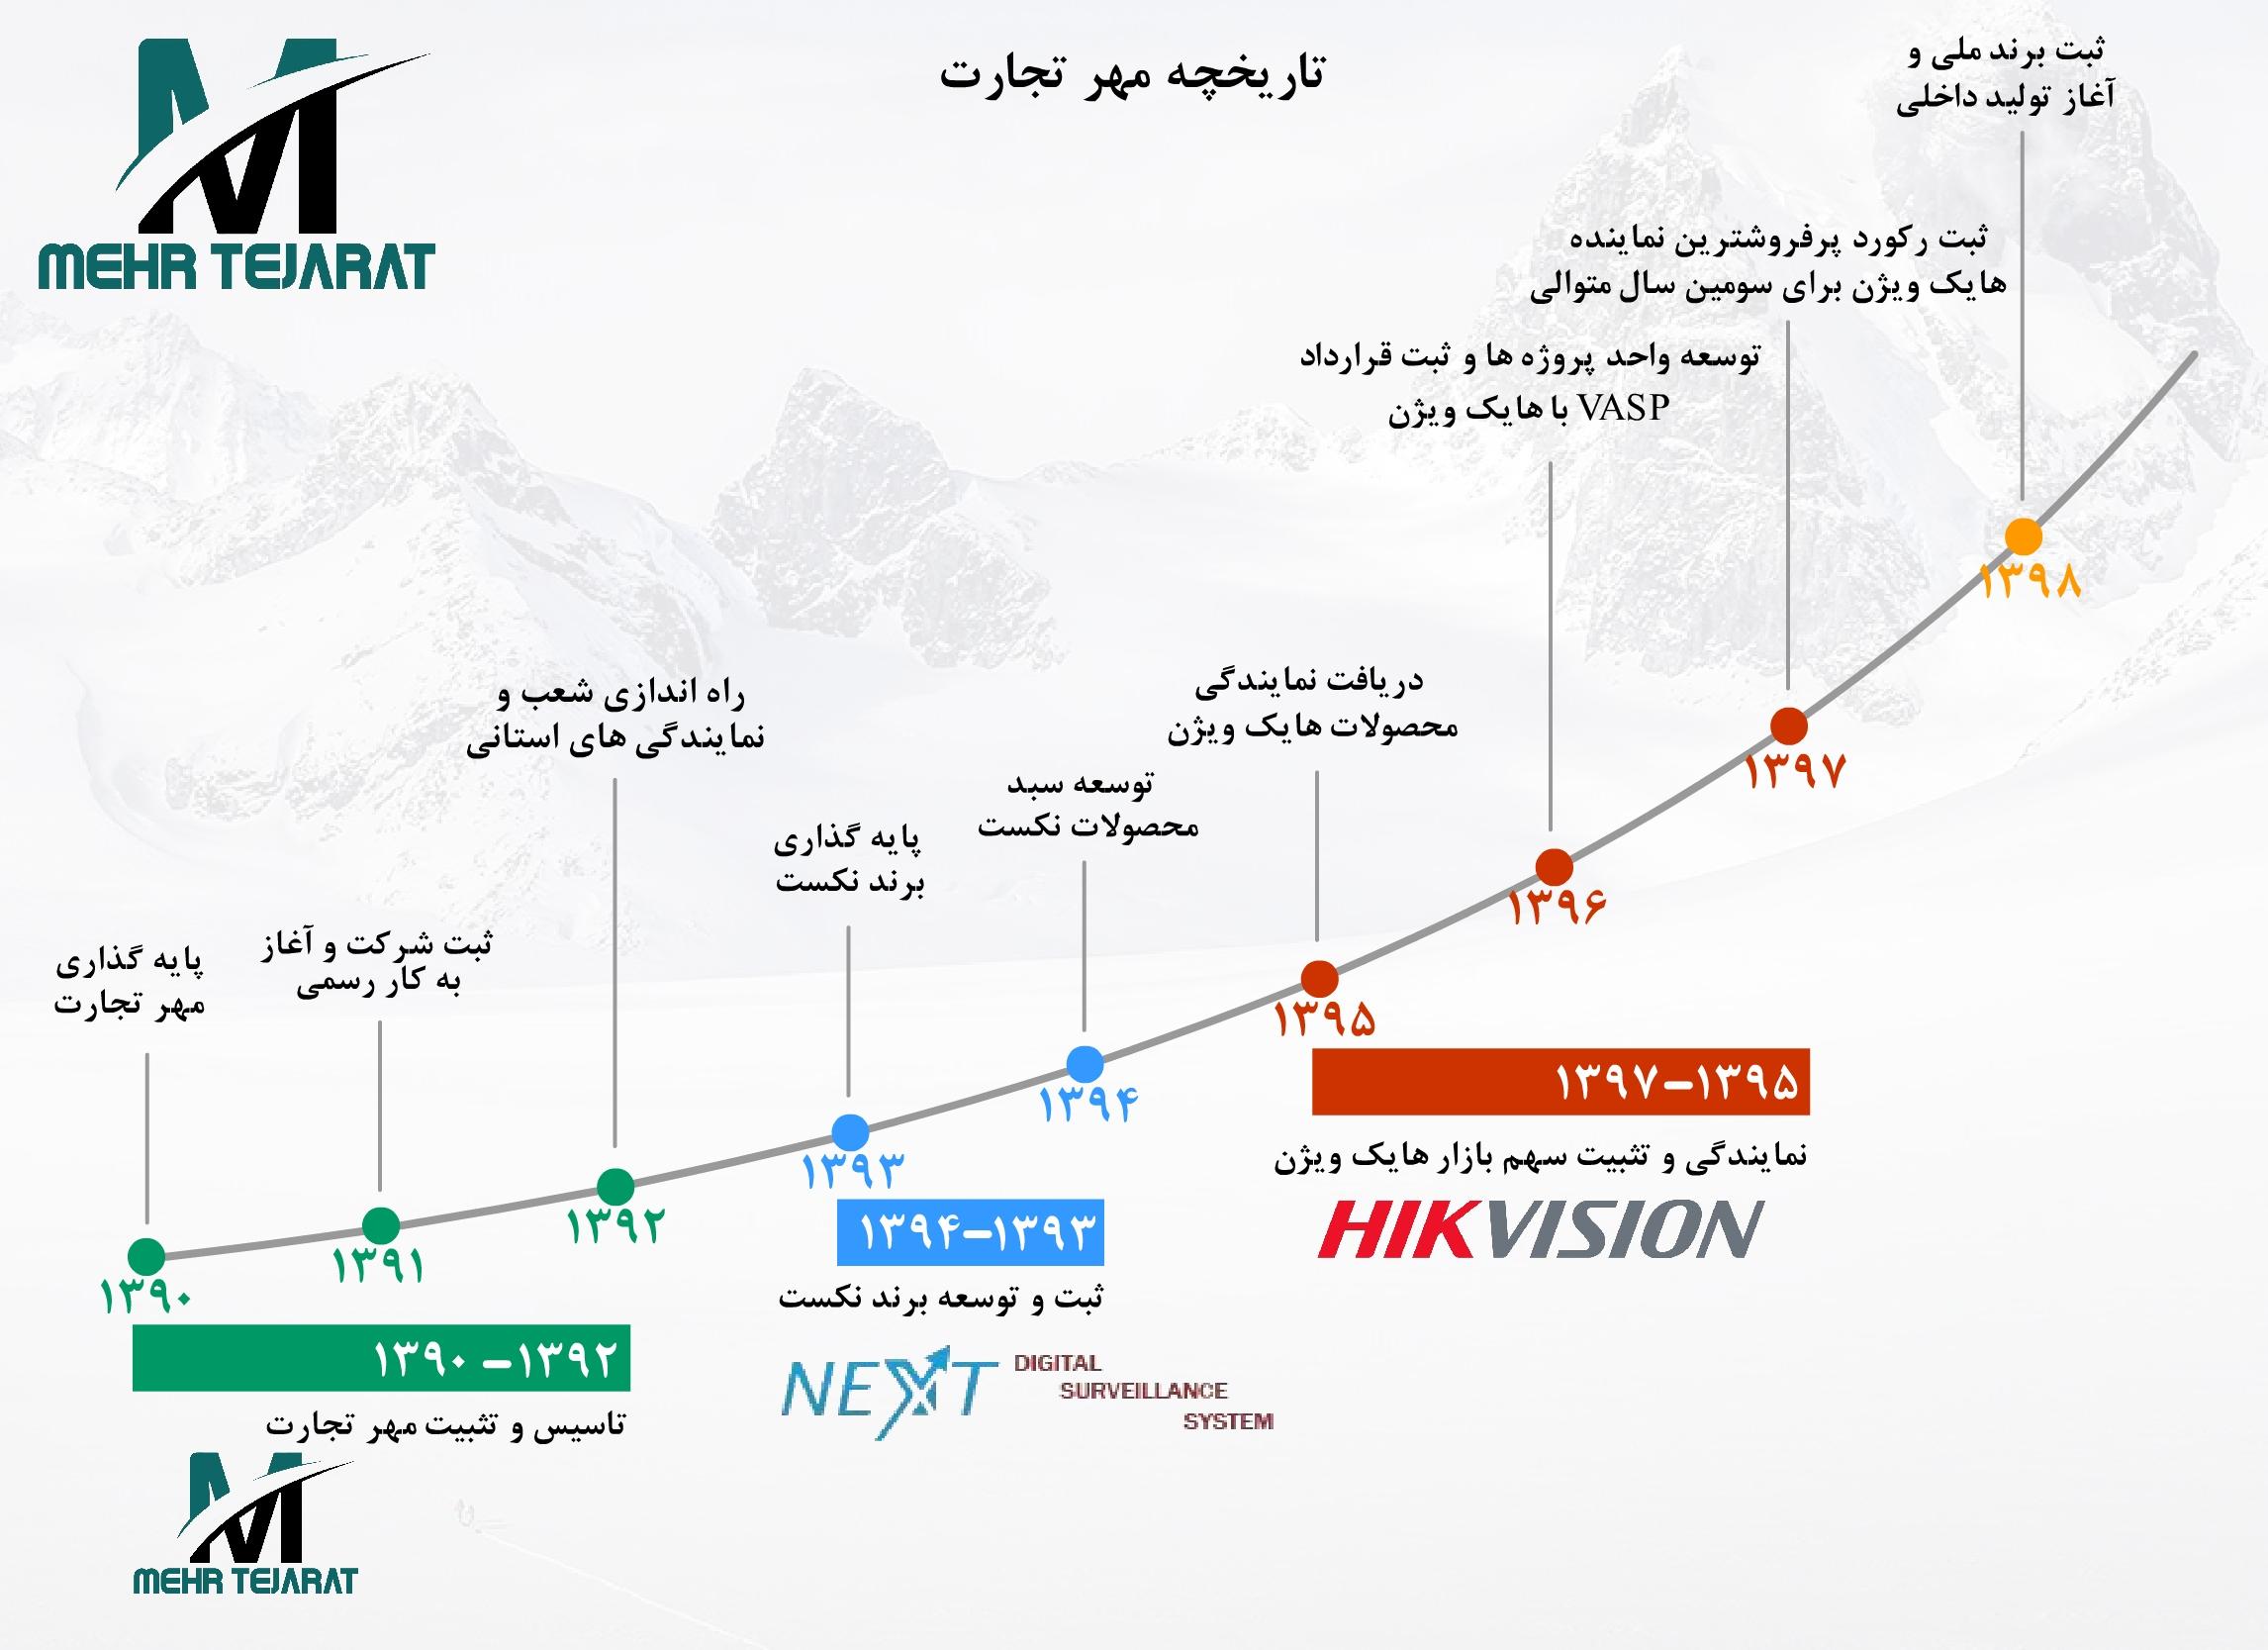 تاریخچه شبکه گستر مهر تجارت